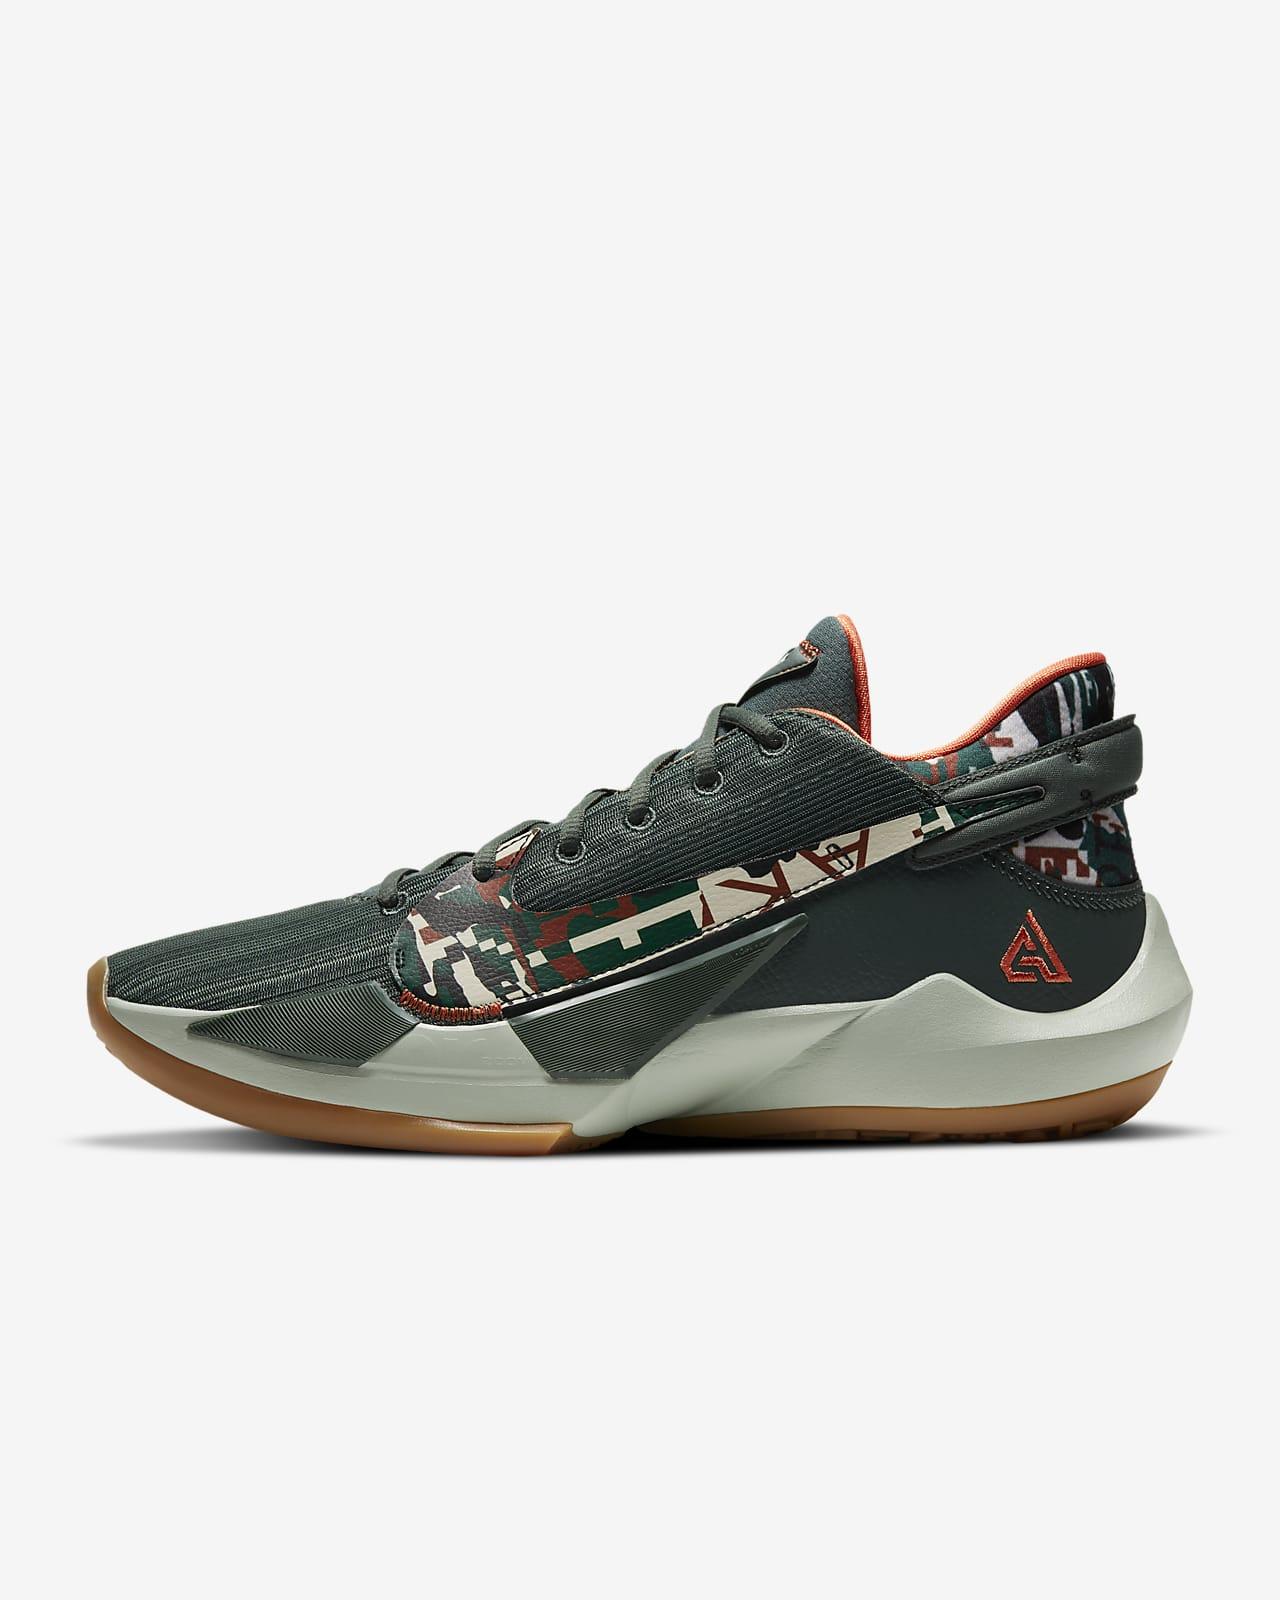 Zoom Freak 2 Basketball Shoe